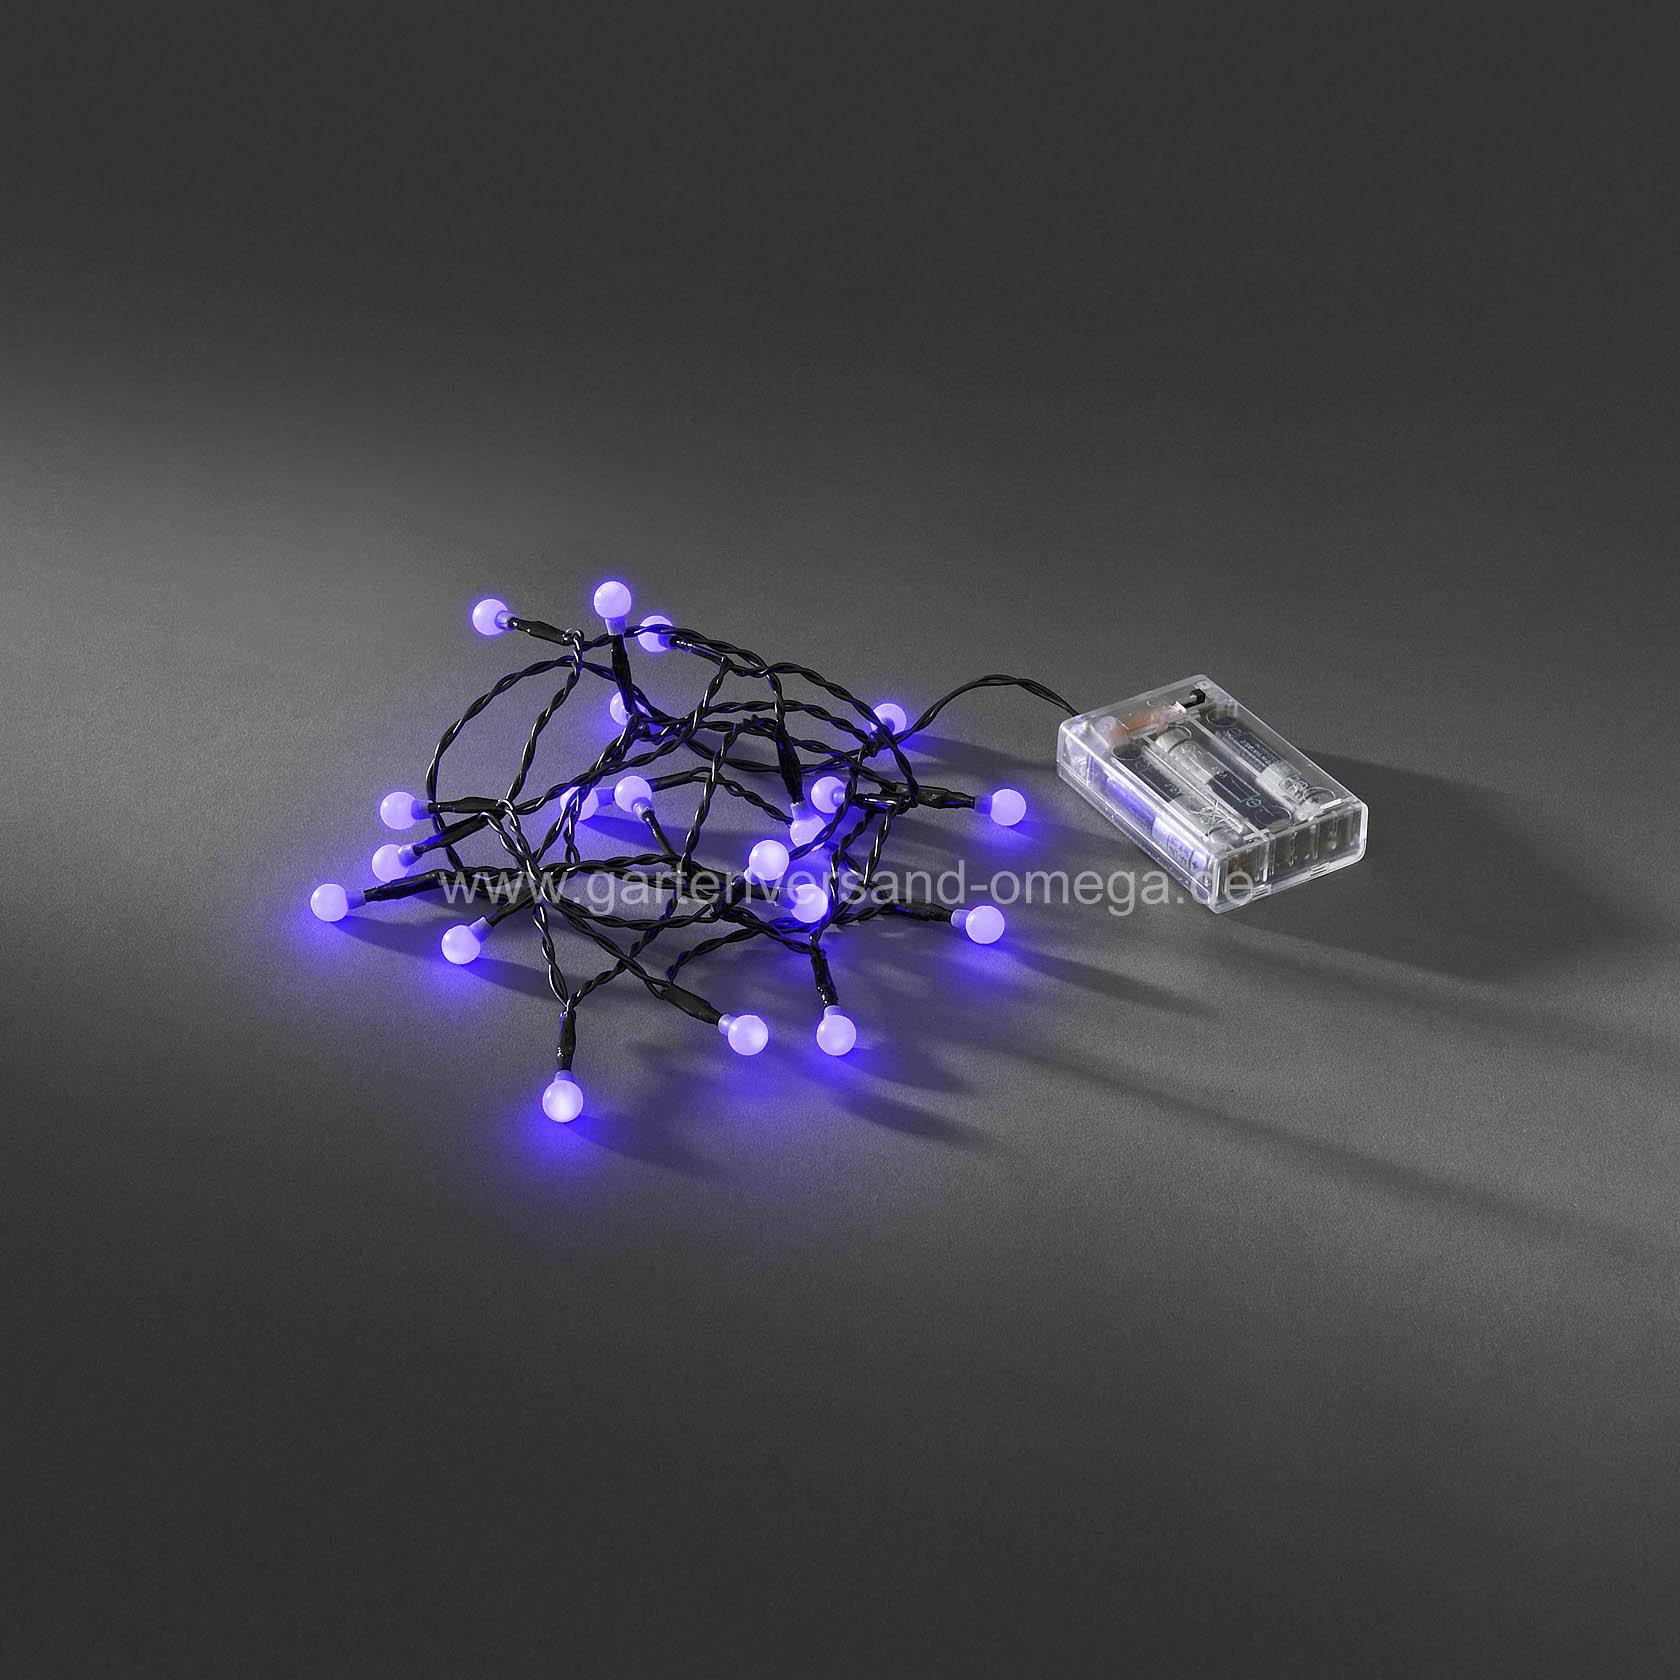 2613667-batteriebetriebene-led-kugellichterkette-purpurfarben-hd-large Schöne Mini Led Lichterkette Batterie Dekorationen